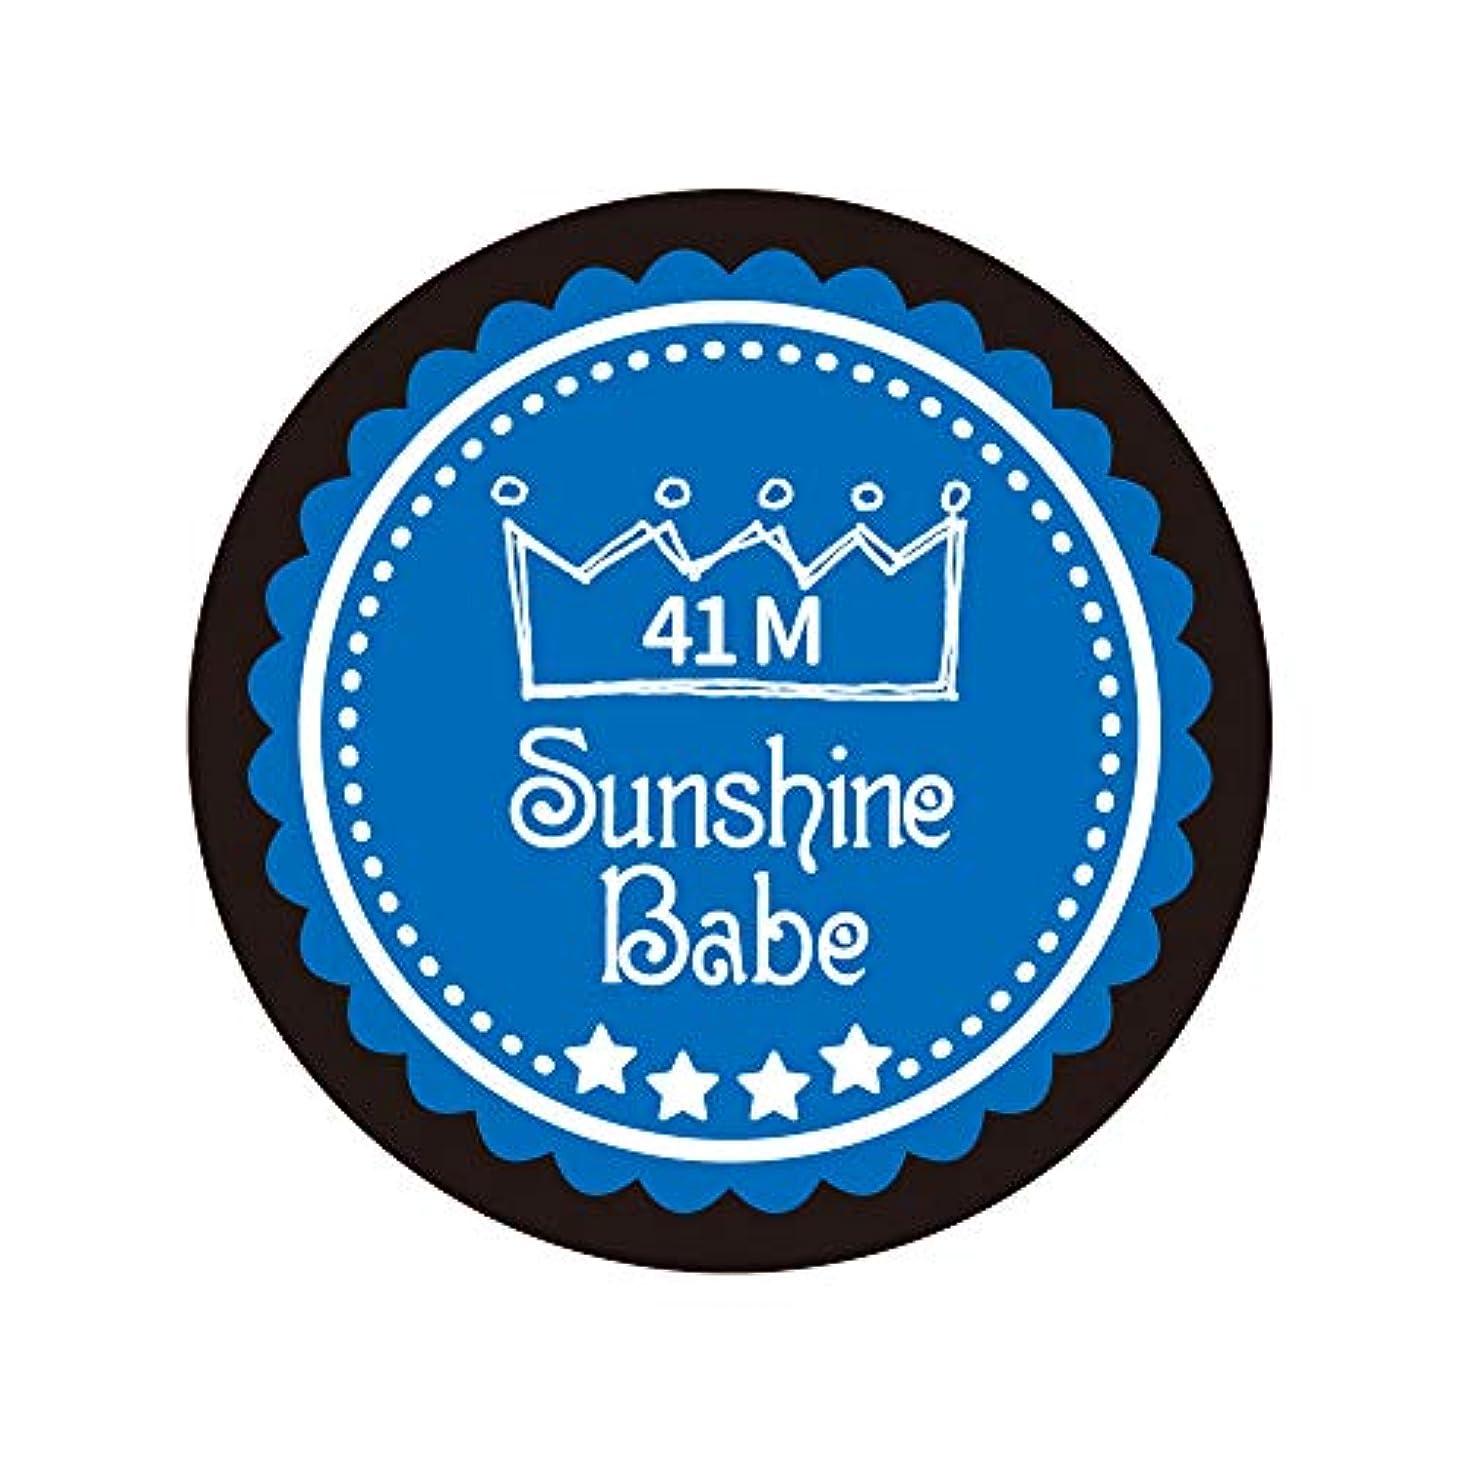 コンチネンタル東方マチュピチュSunshine Babe カラージェル 41M ネブラスブルー 2.7g UV/LED対応